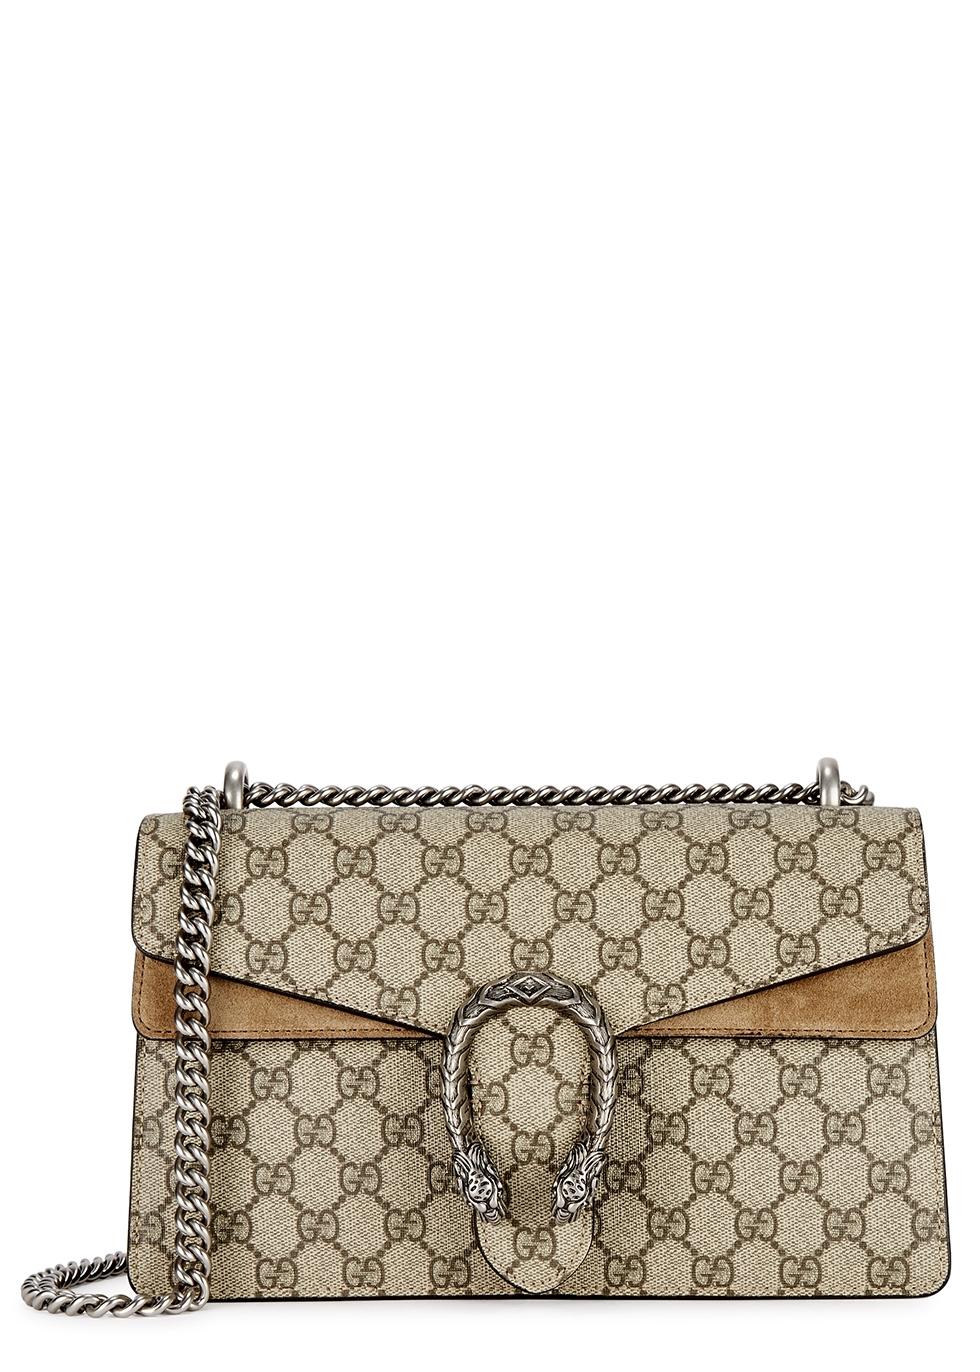 9ef033d49 Gucci Handbags - Harvey Nichols